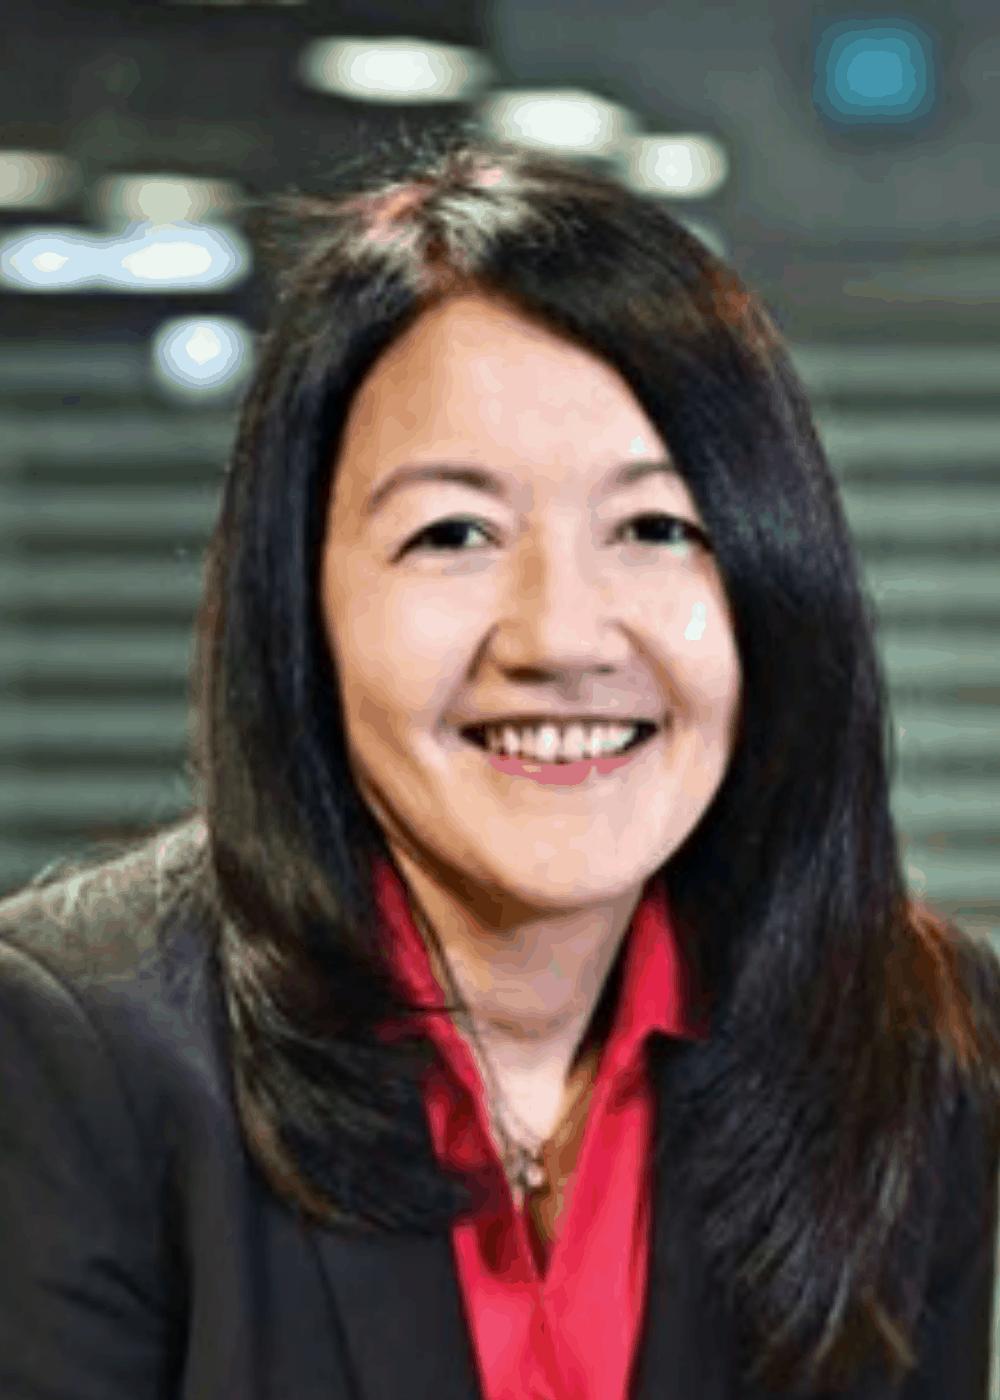 Jacqueline Loh